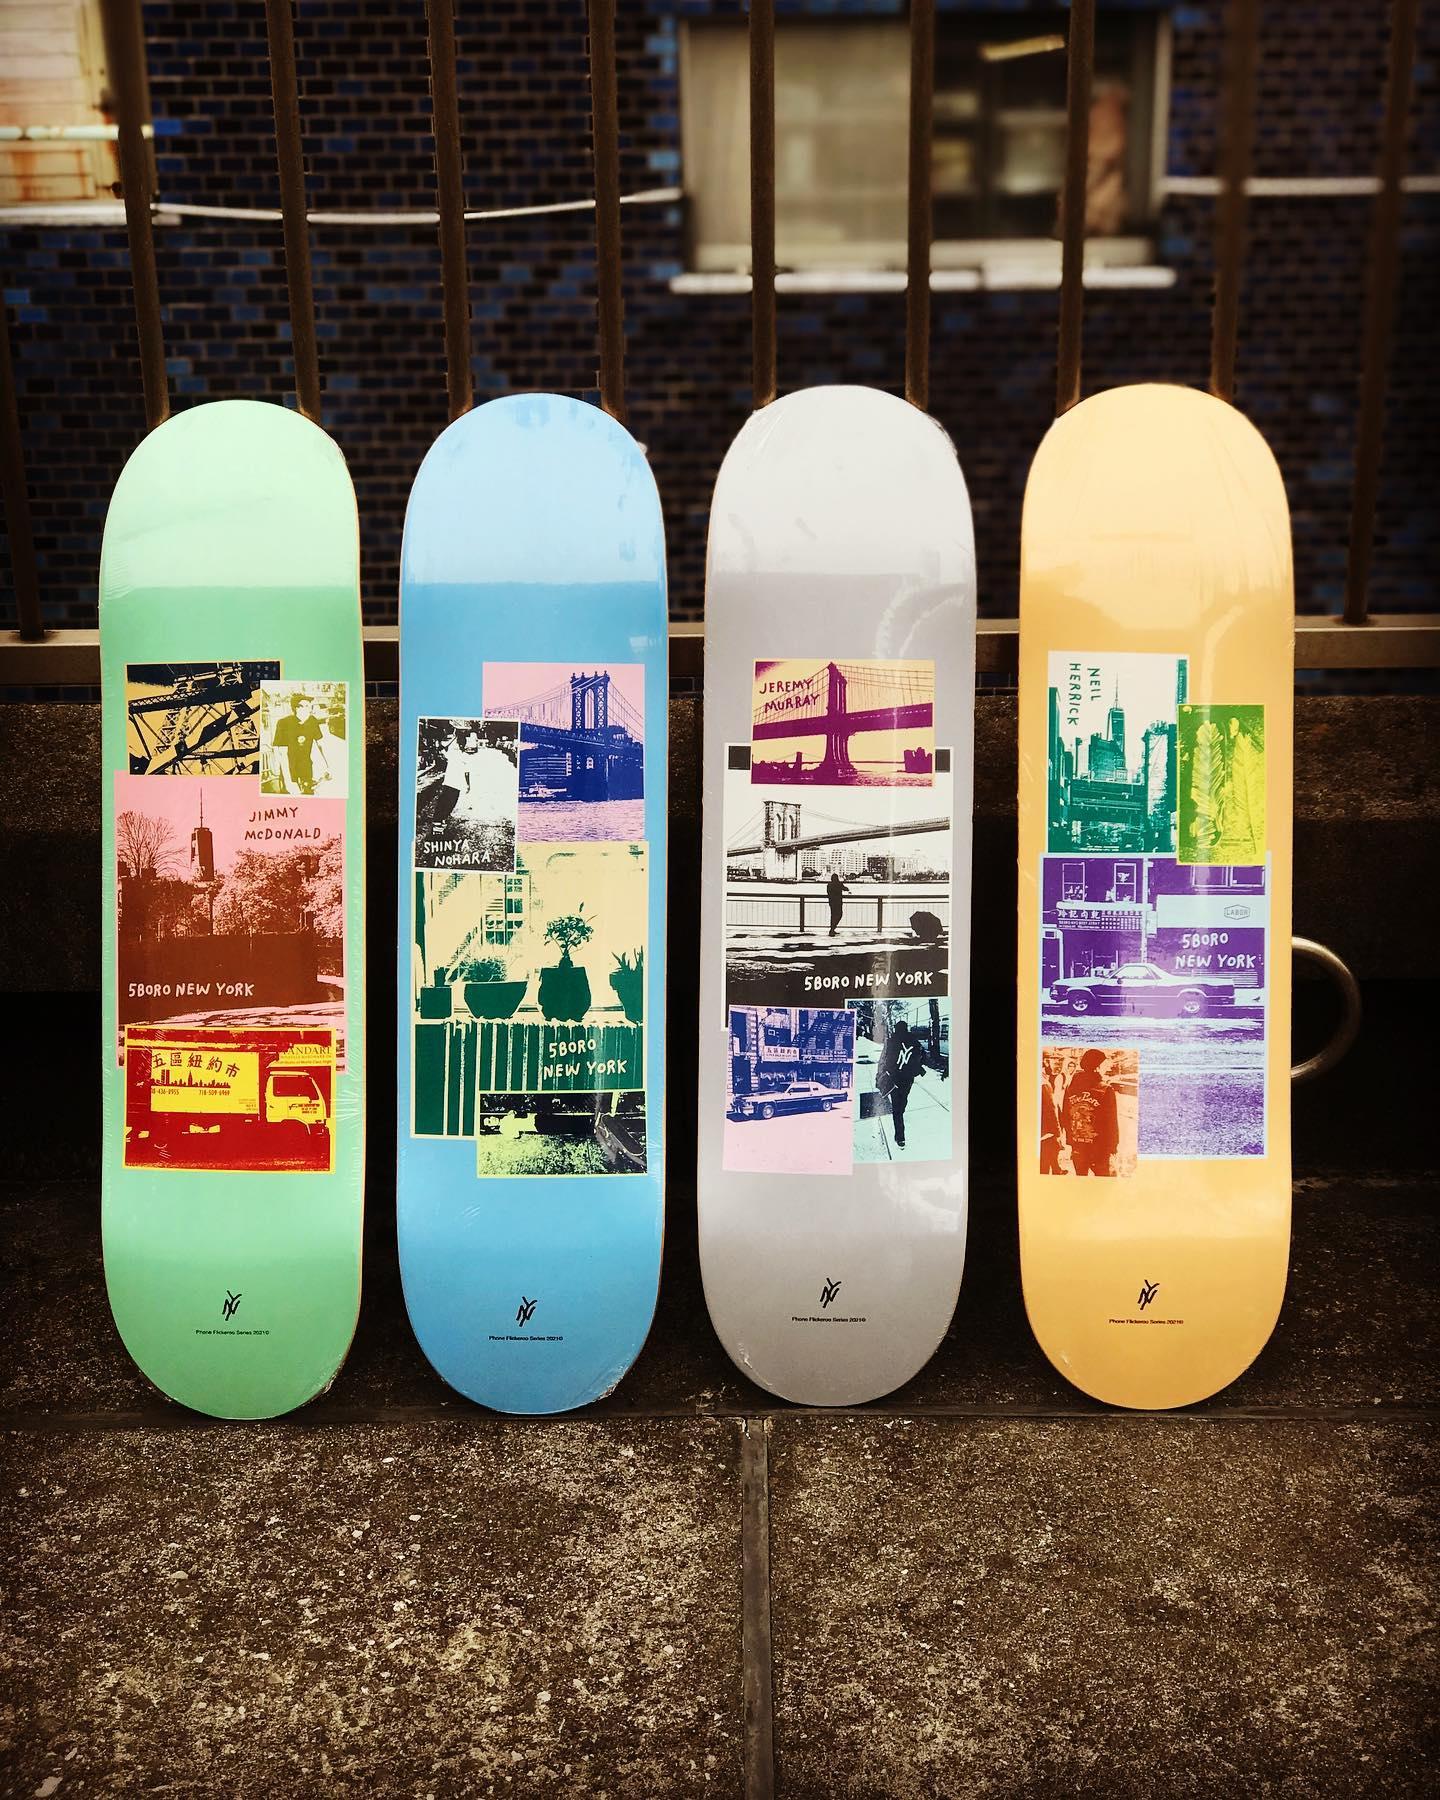 """New @5boronyc decks.1996年にニューヨークで誕生した老舗デッキカンパニー""""5BORO""""。5BOROの名前の由来は、NYCを代表する5つの地区 MANHATTAN、BRONX、BROOKLYN、QUEENS、STATEN ISLANDからきています。"""